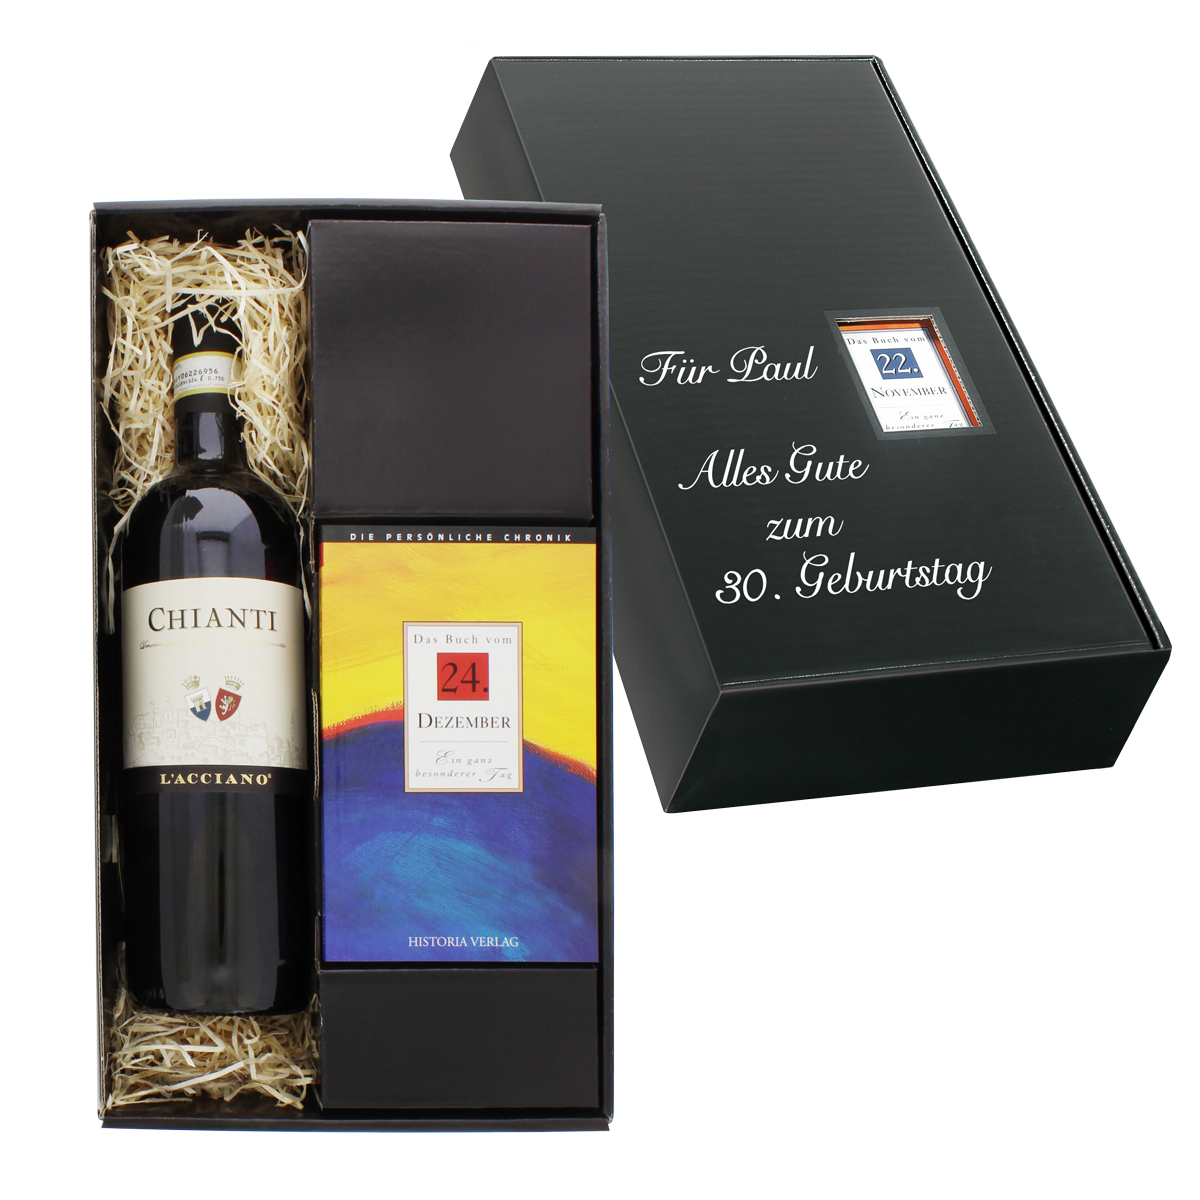 Italien-Set: Tageschronik vom 15. September & Chianti-Wein